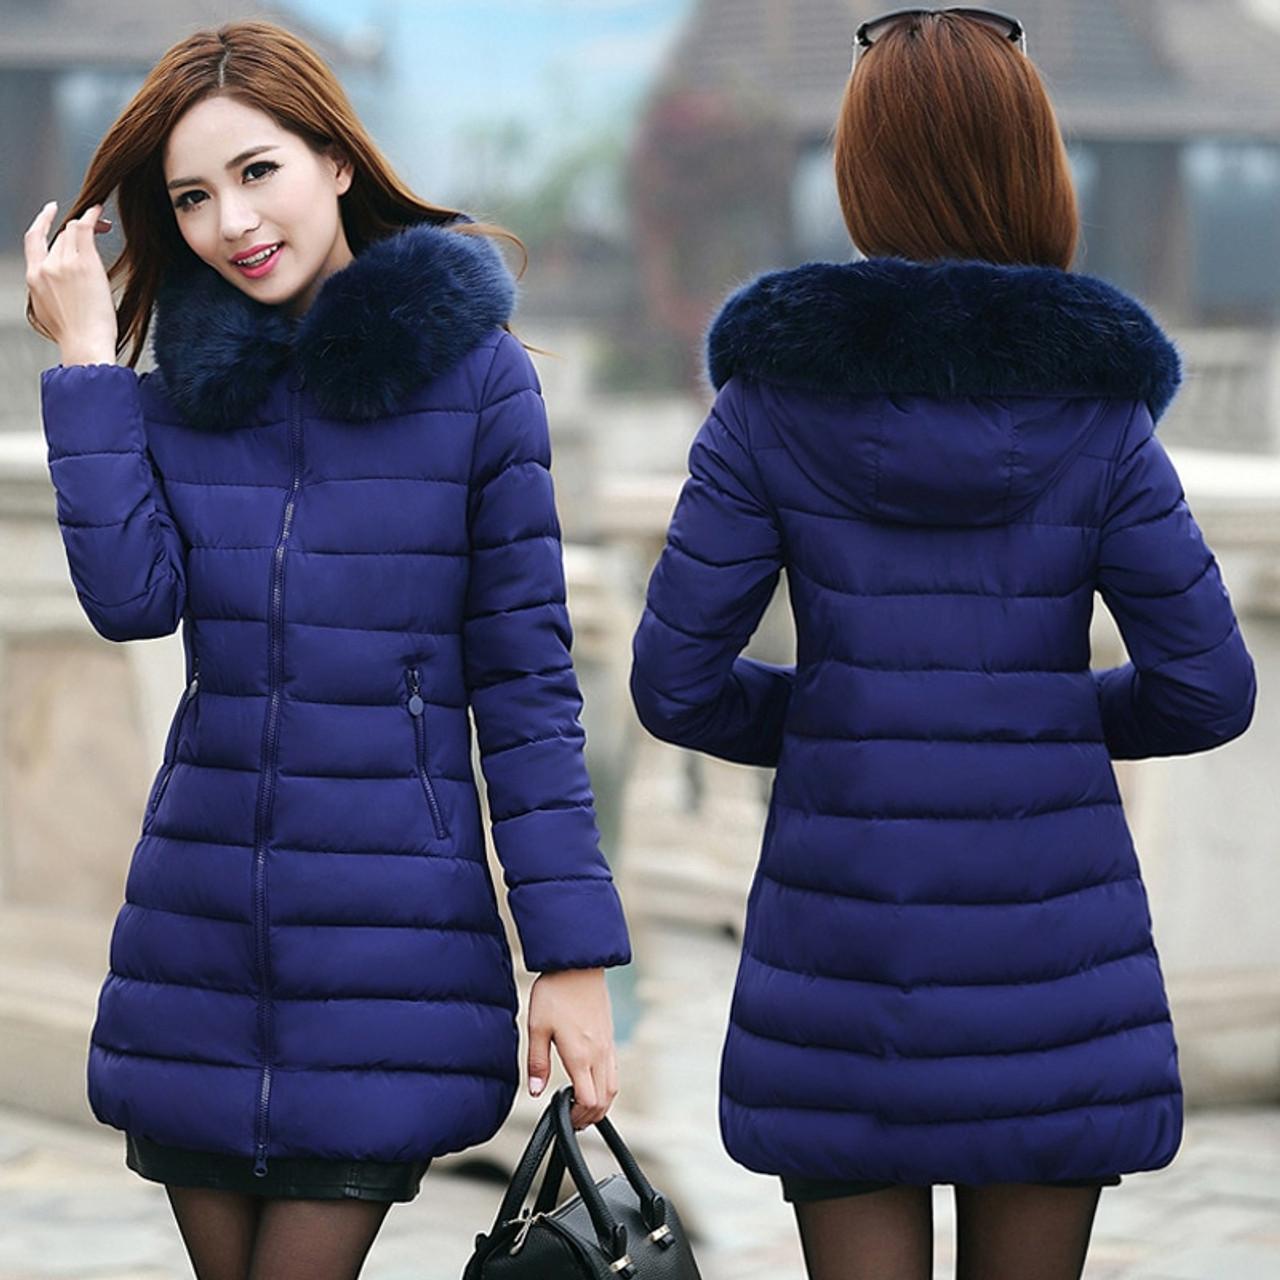 5f2c217e9ff24 Winter Jacket Women Plus Size 6xl Parka Winter Coat Women Down Jackets  Blend Puffer Overcoat Long ...